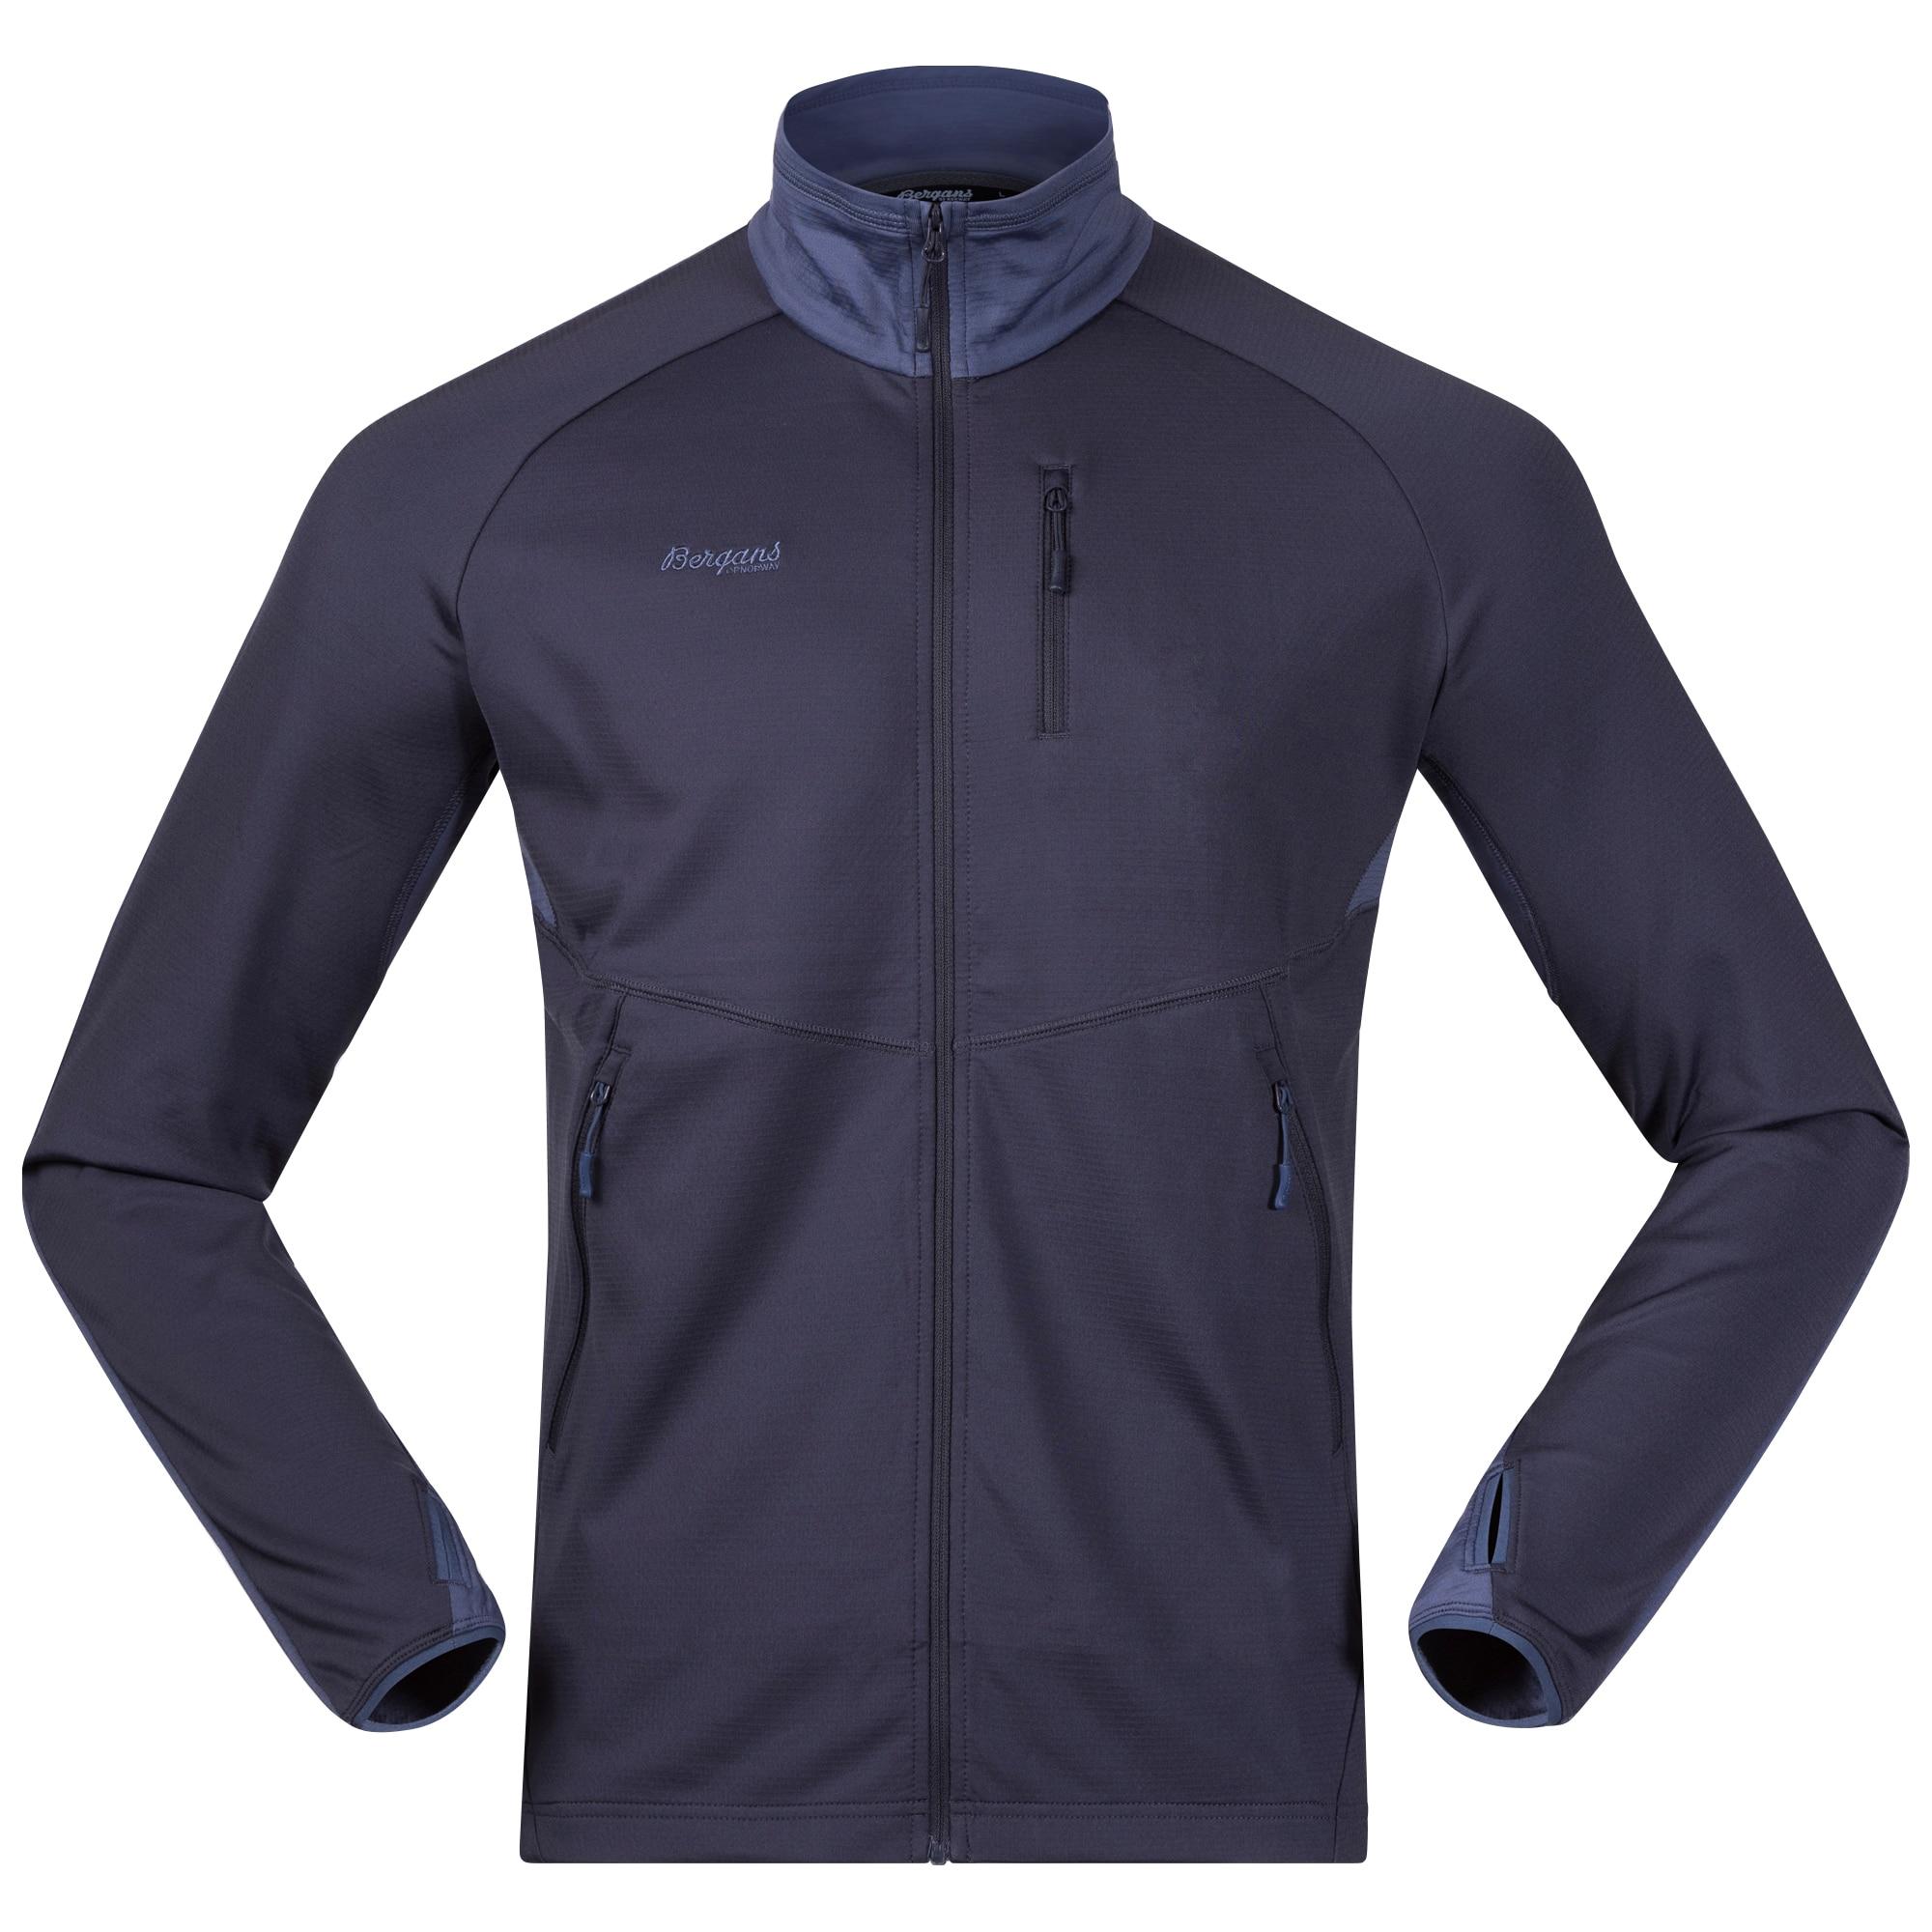 Romsdal Fleece Jacket